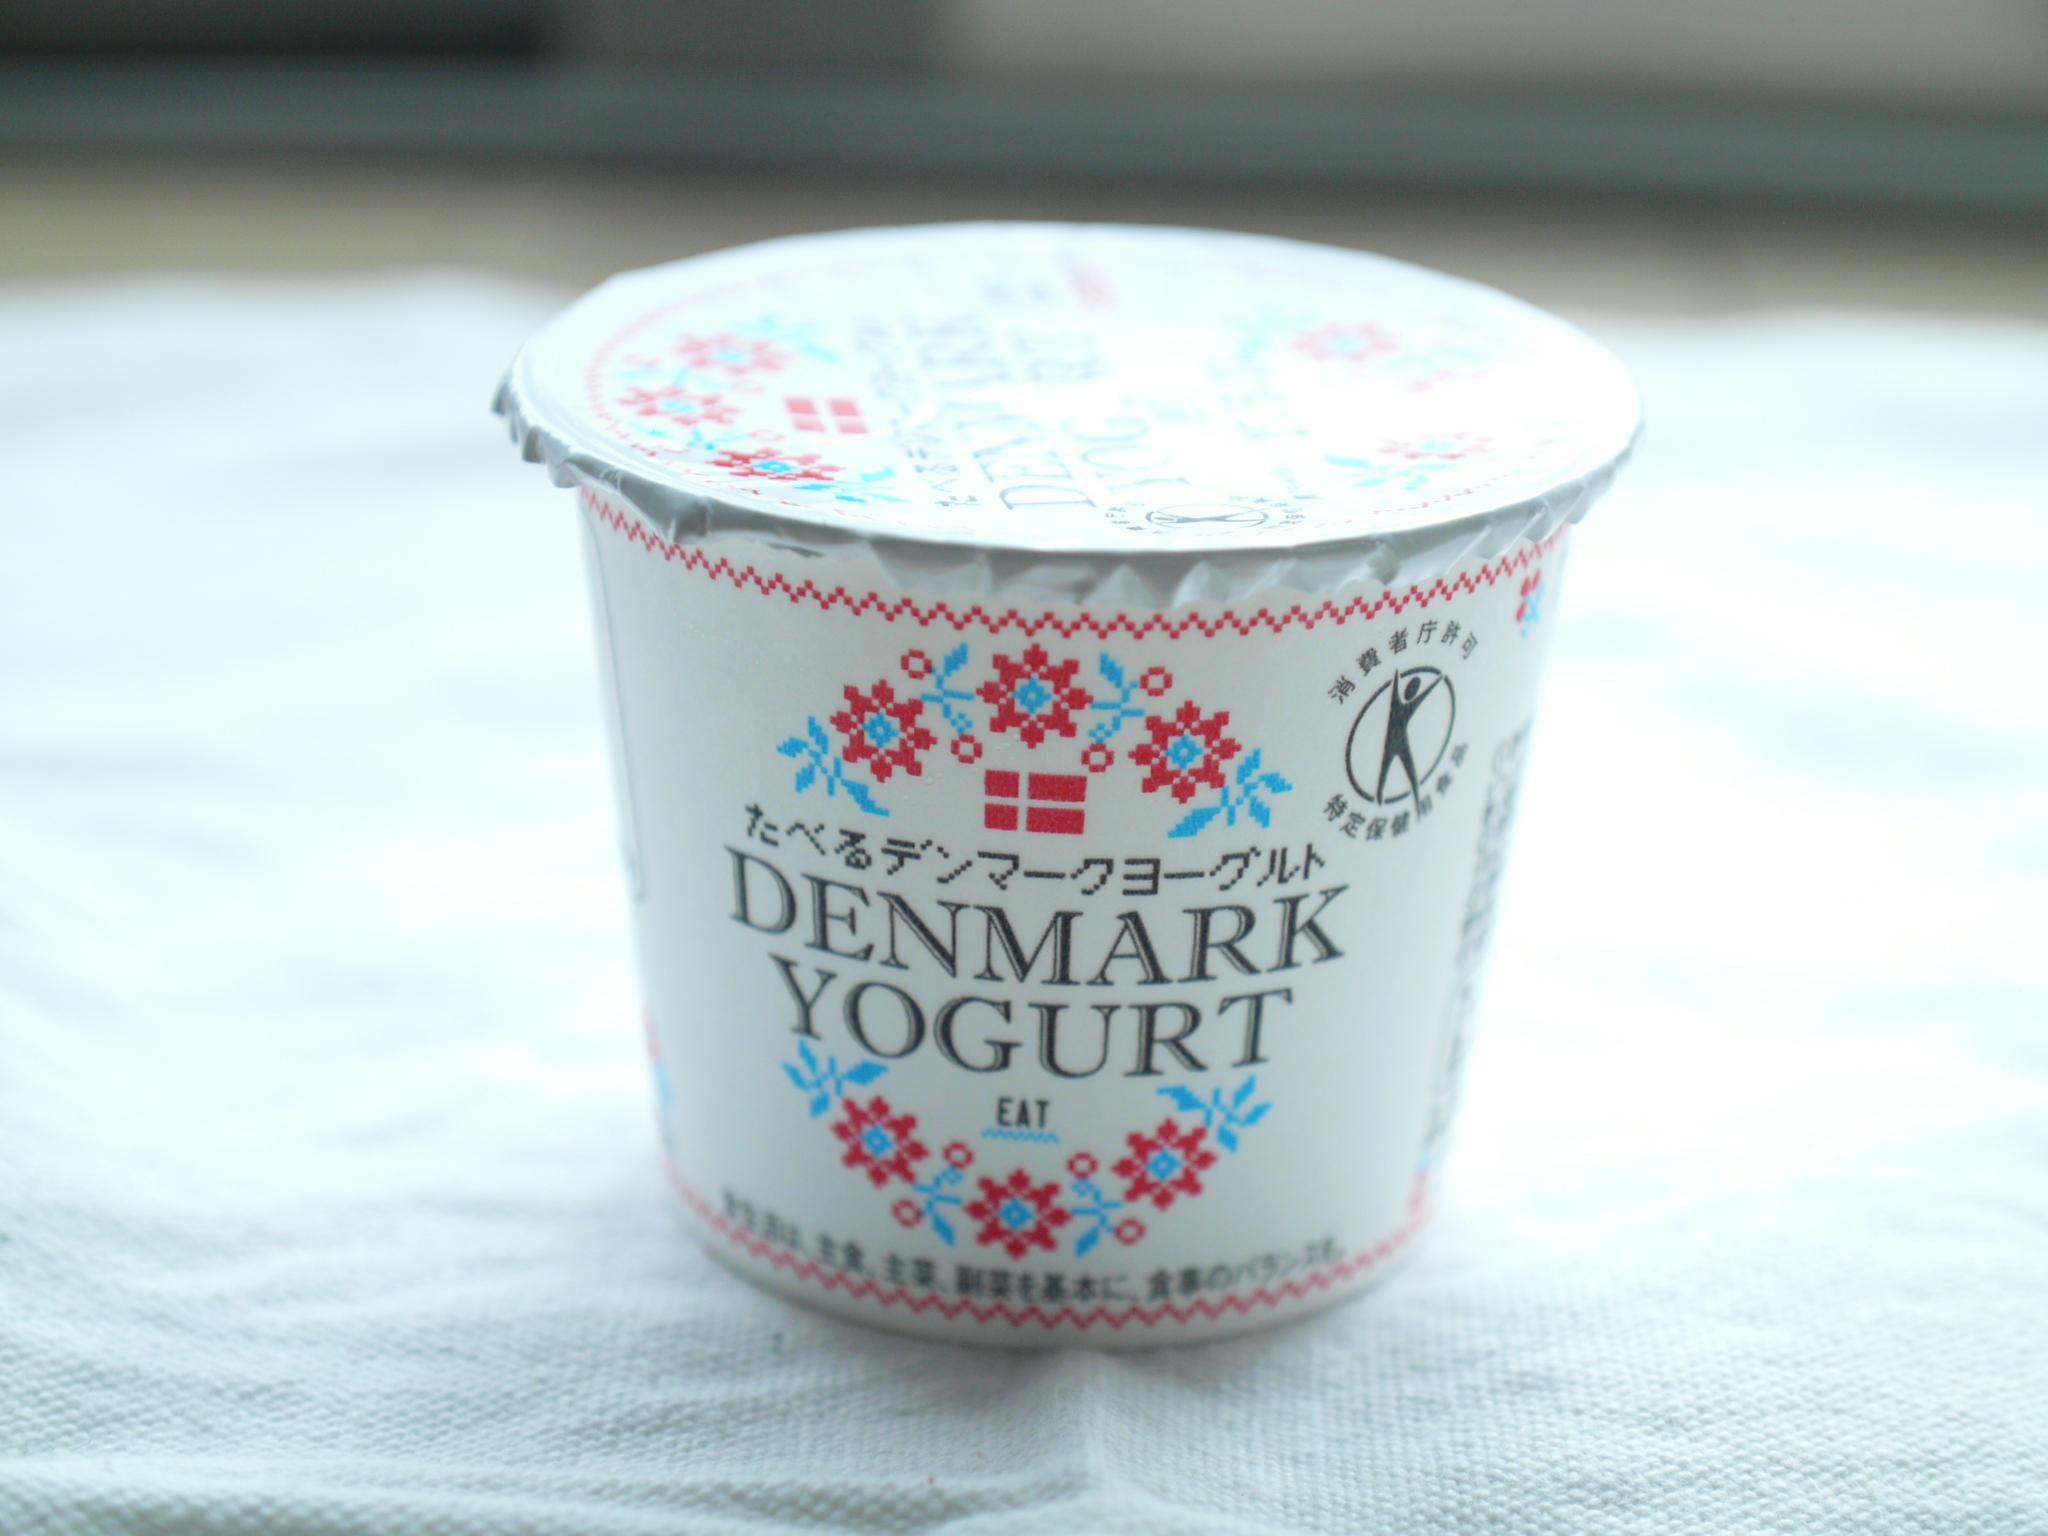 デンマークヨーグルト